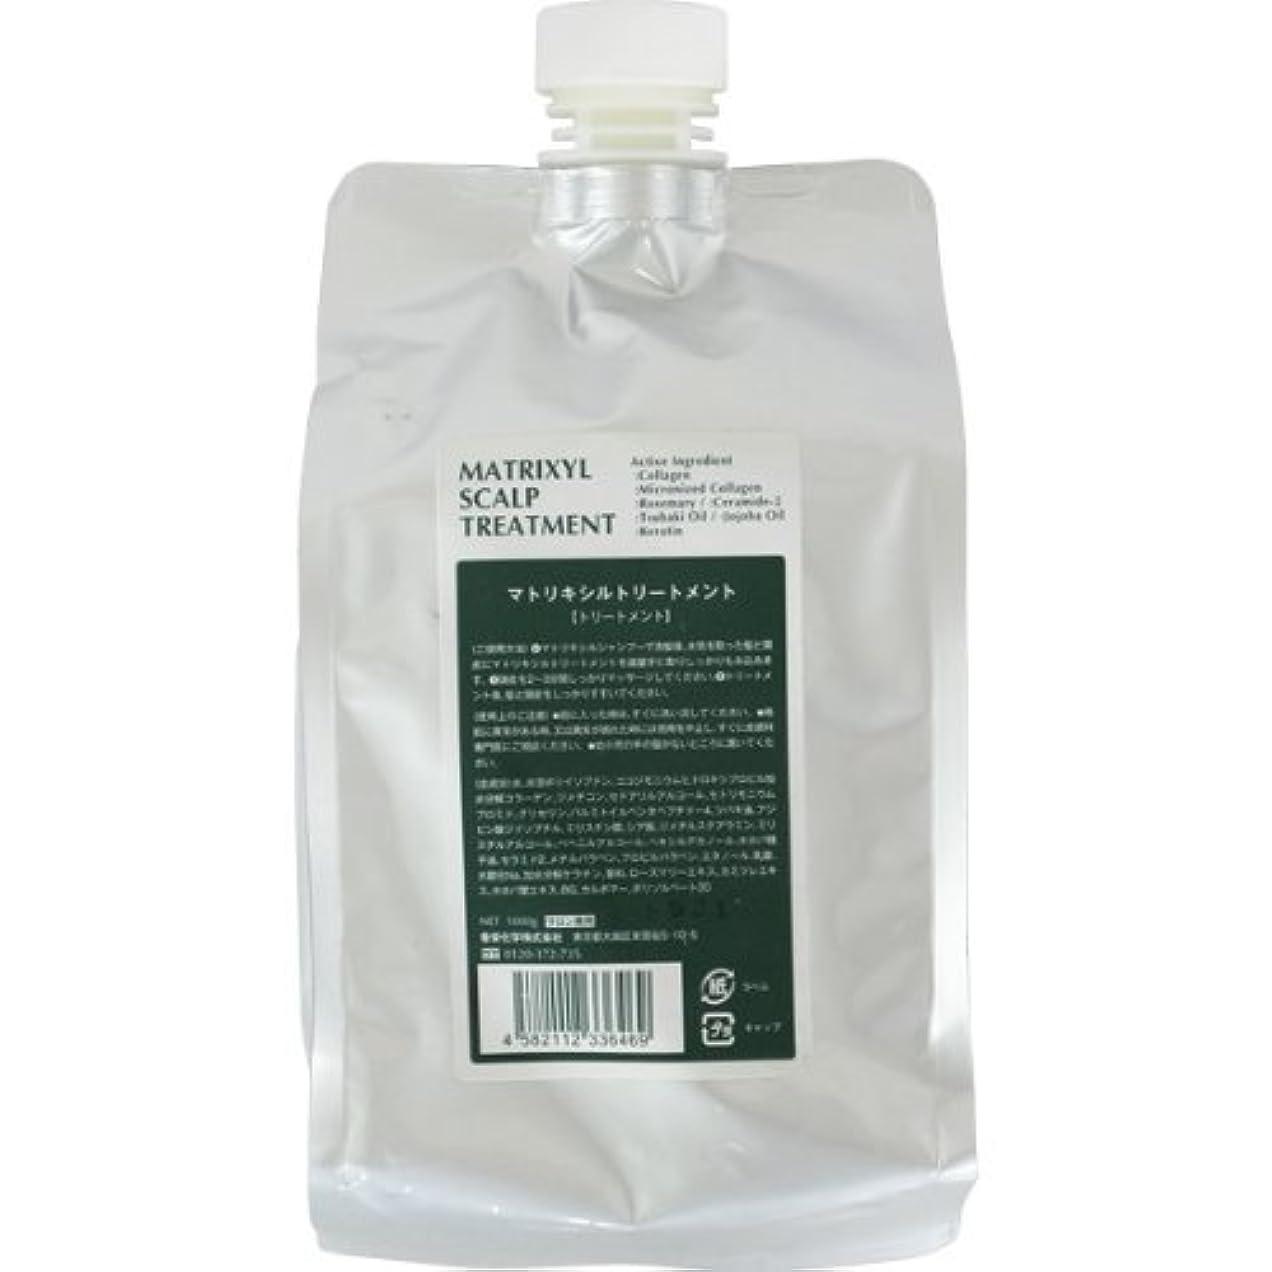 気体の不公平スペシャリスト香栄化学 マトリキシル スキャルプトリートメント レフィル 1000g